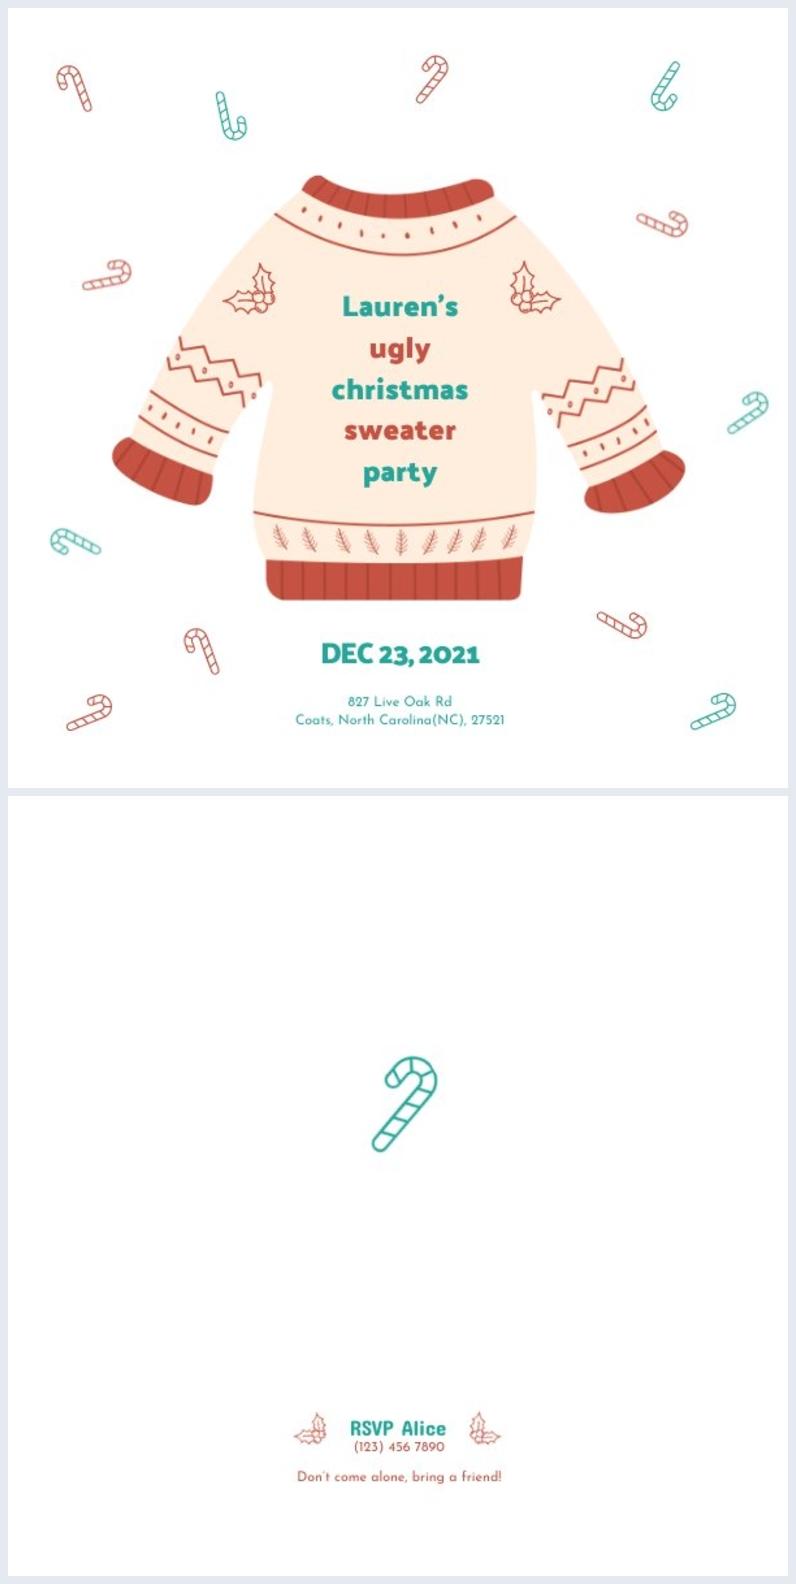 Hässliche Weihnachtspullover Flyer-Design-Inspiration